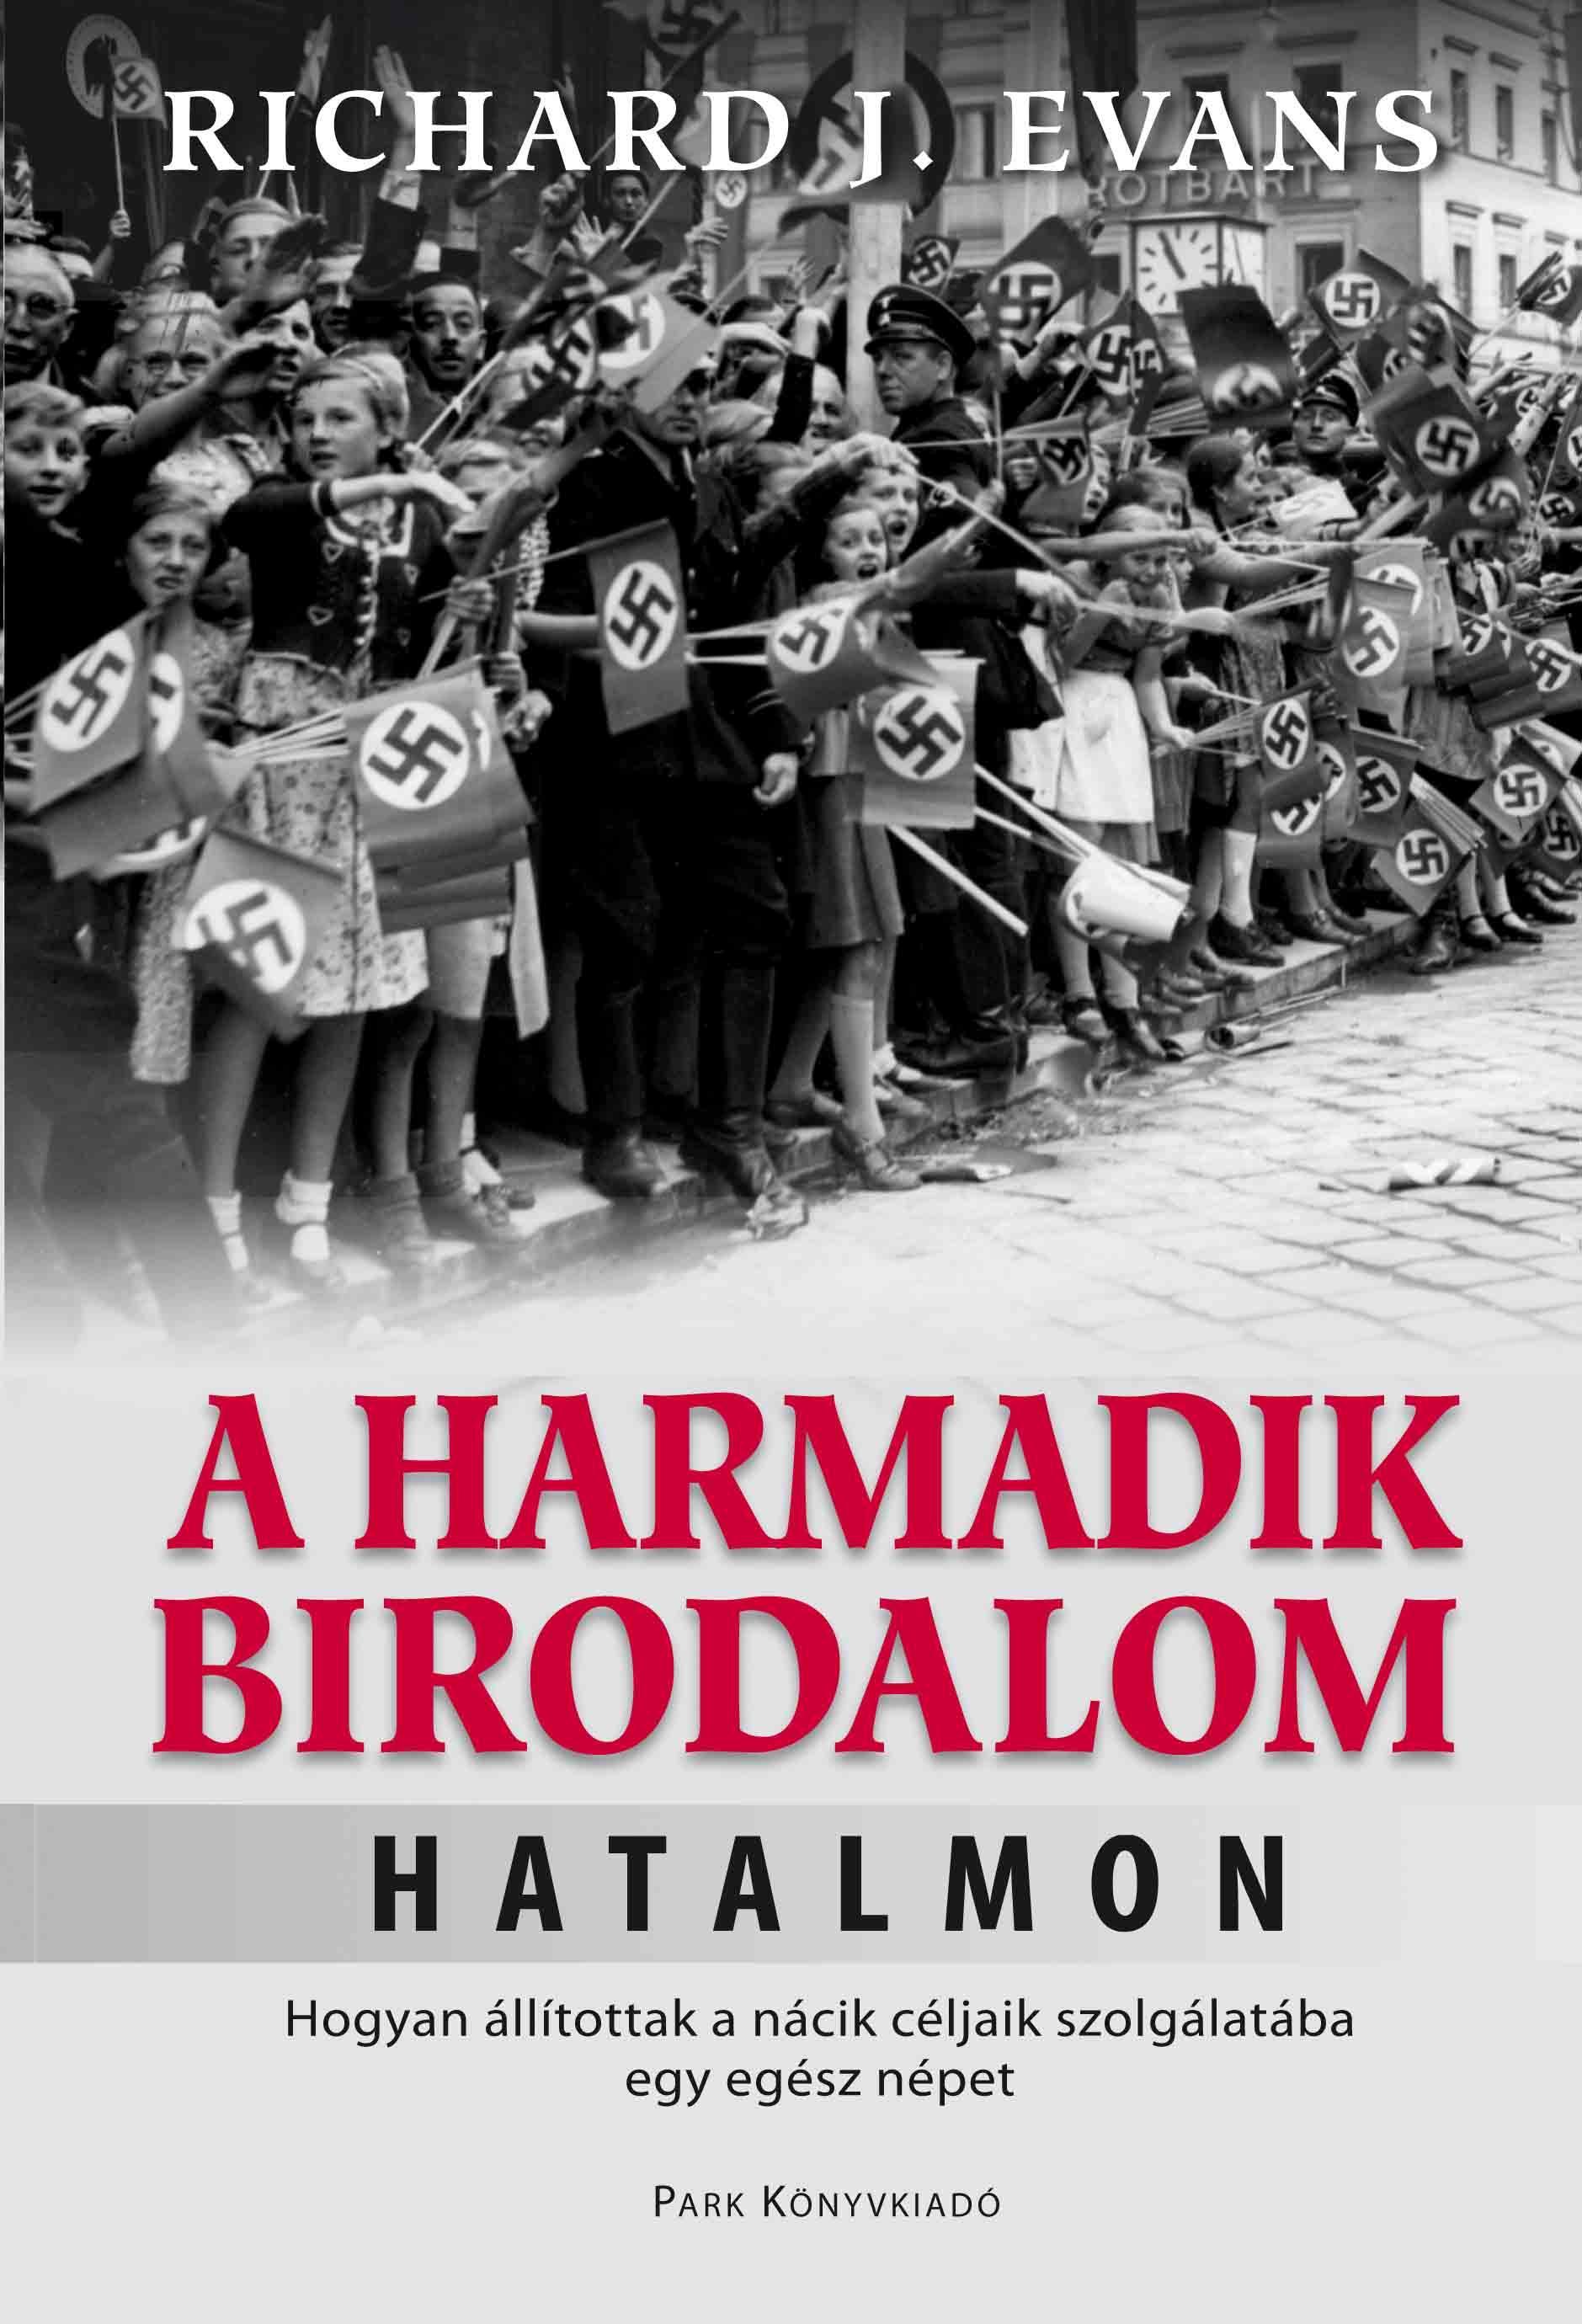 A HARMADIK BIRODALOM HATALMON